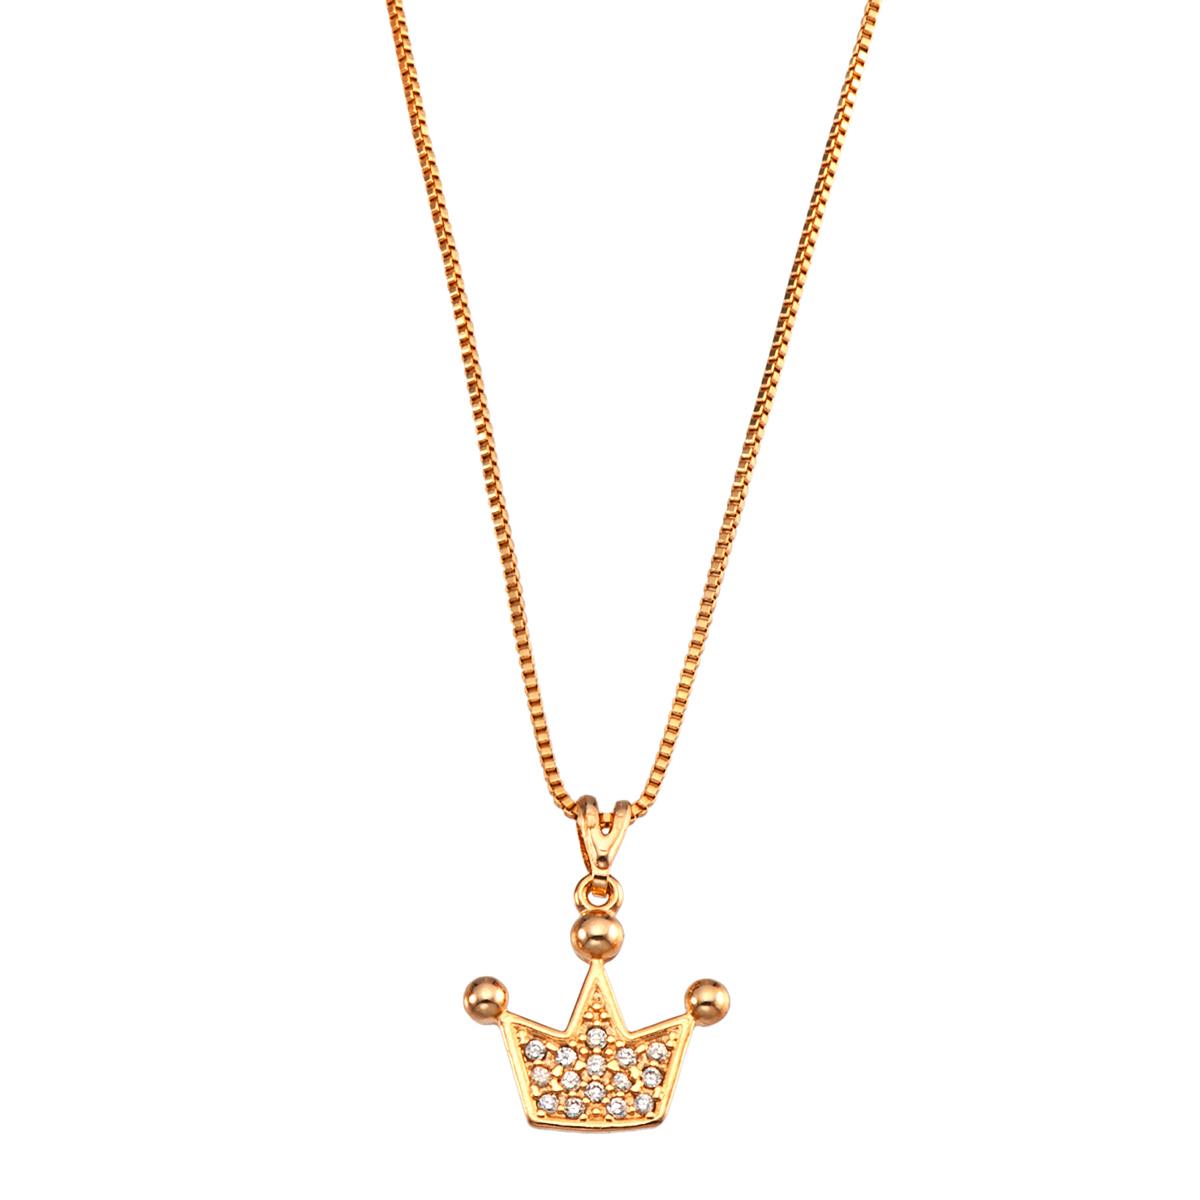 Corrente Colar folheado banho de ouro 18k - Pingente Coroa